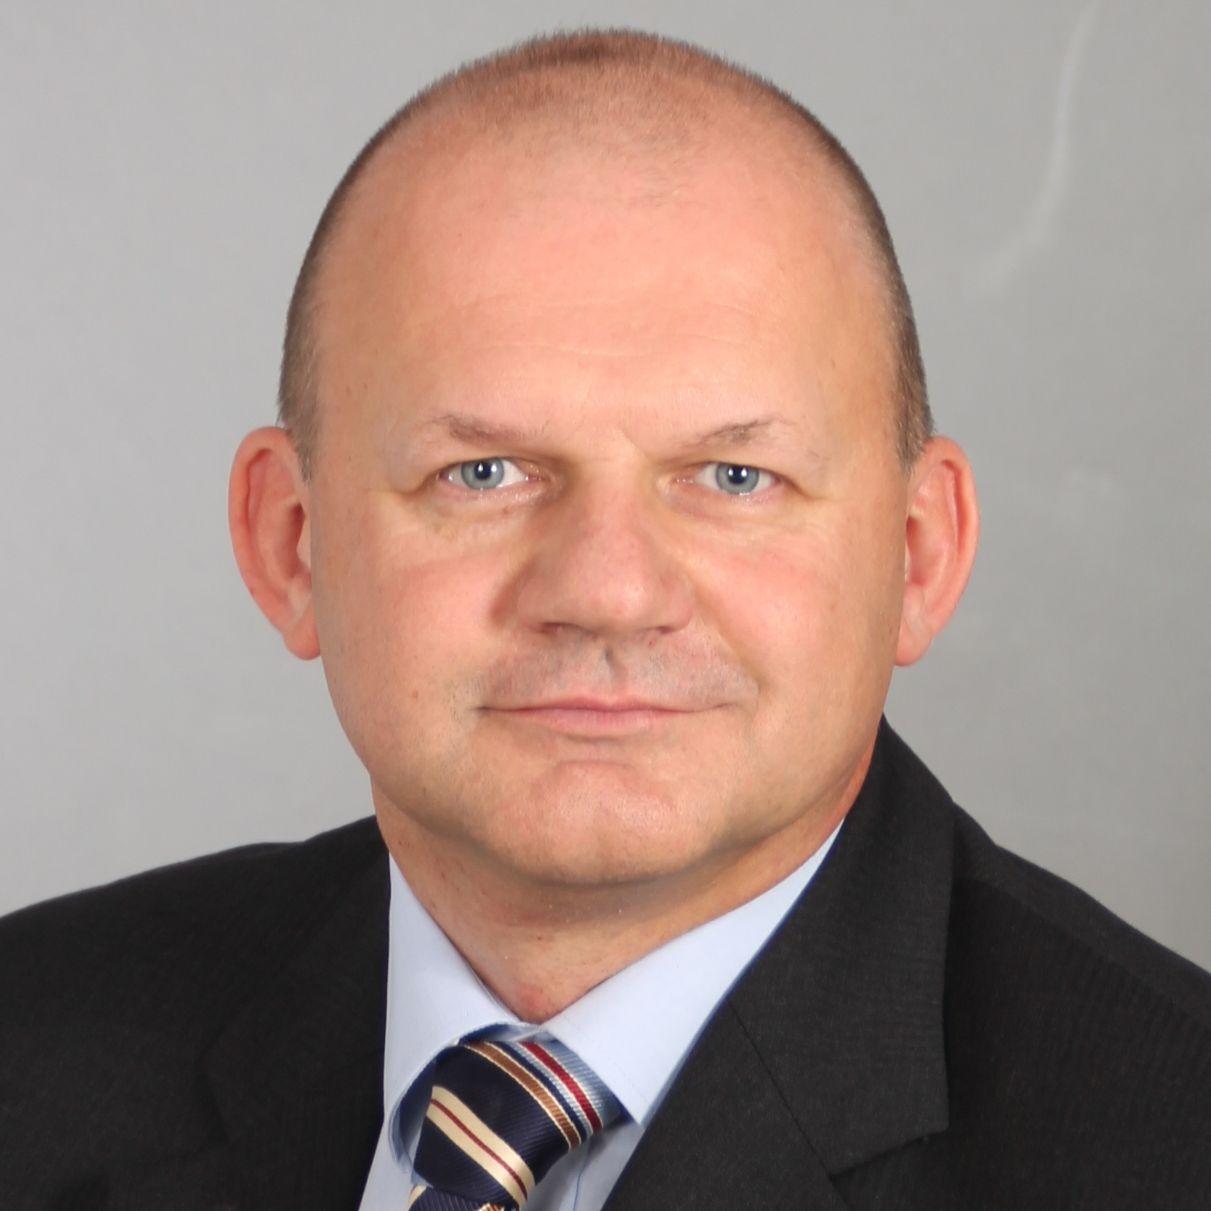 Erwin Braumandl